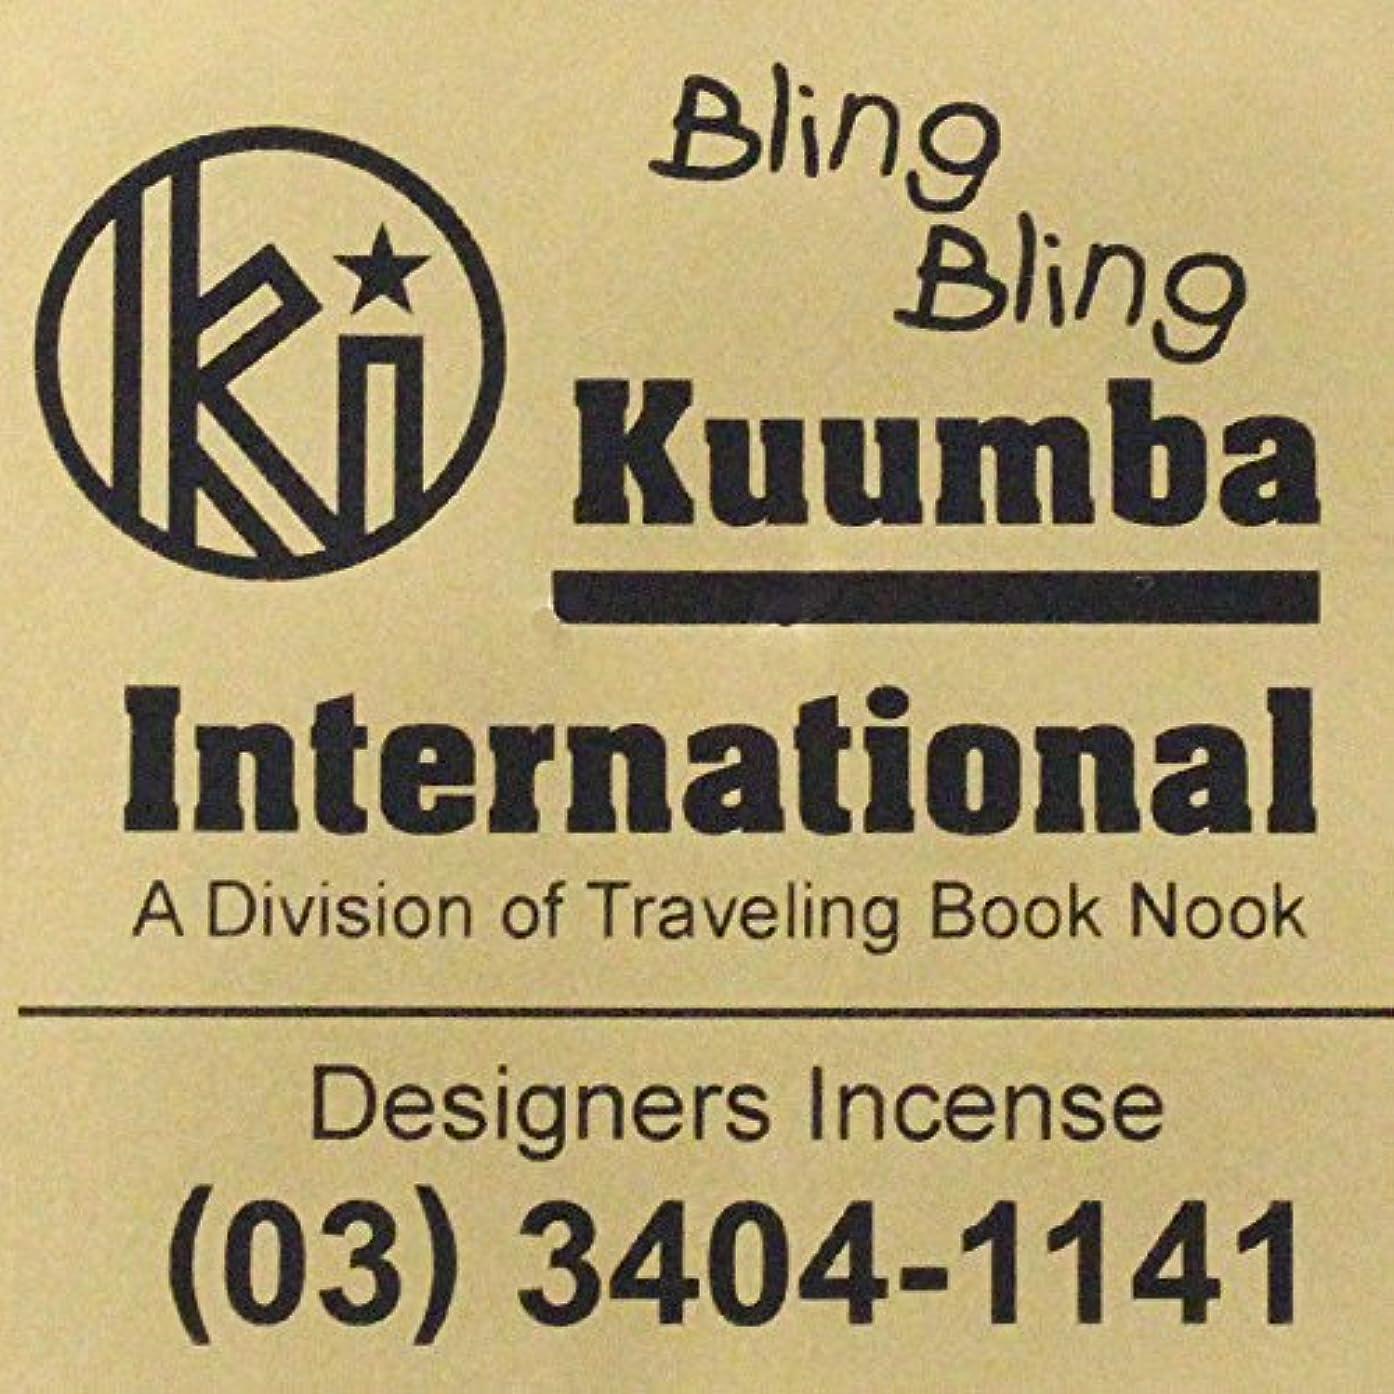 君主制計画的吸収剤(クンバ) KUUMBA『incense』(Bling Bling) (Regular size)